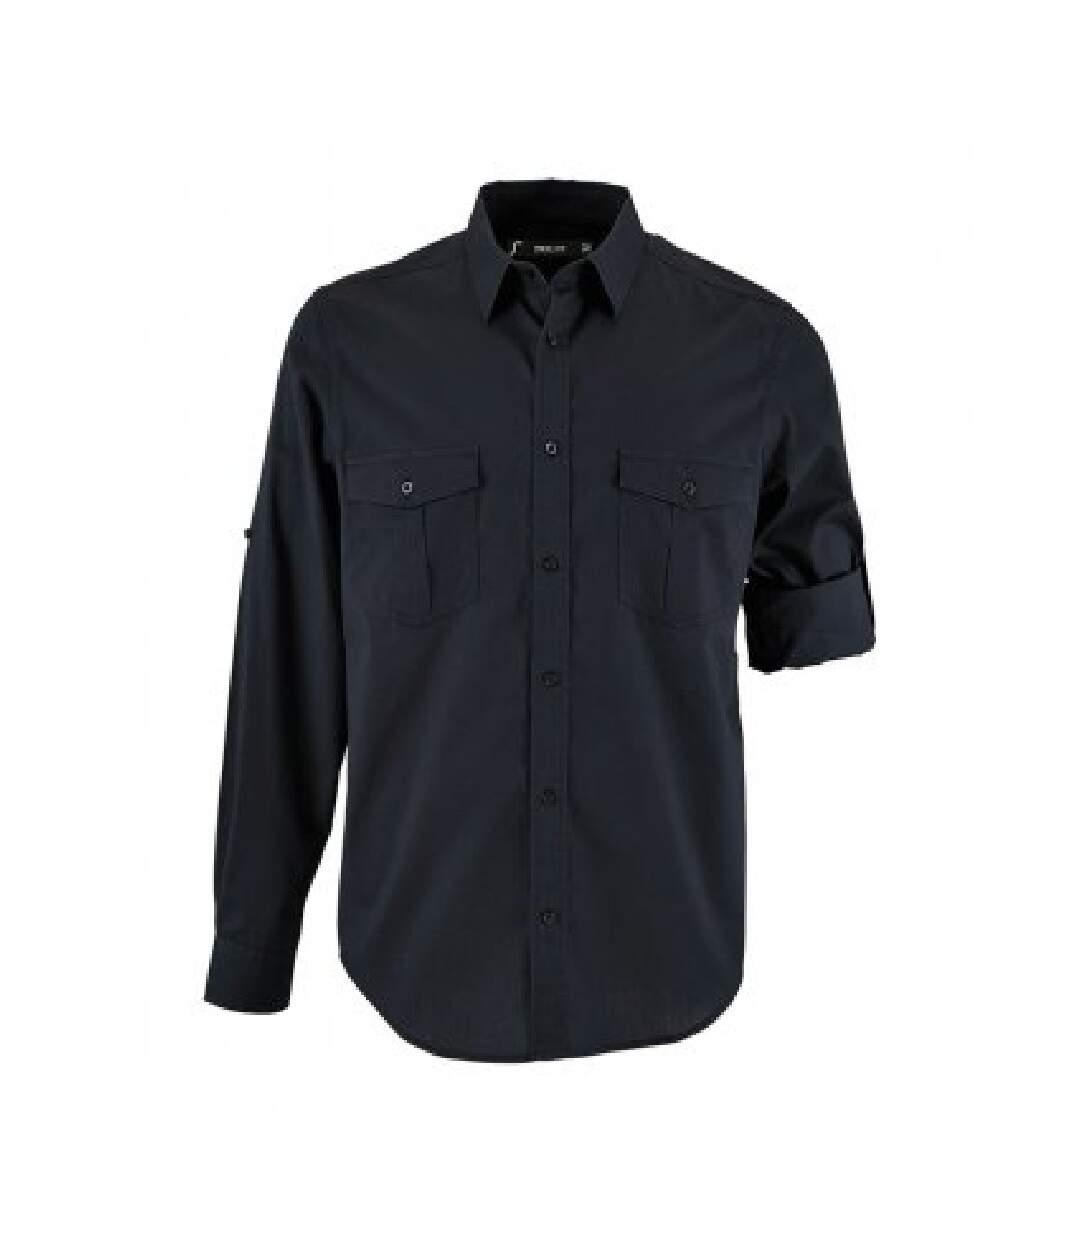 SOLS Mens Burma Roll Sleeve Poplin Shirt (Dark Blue) - UTPC3238